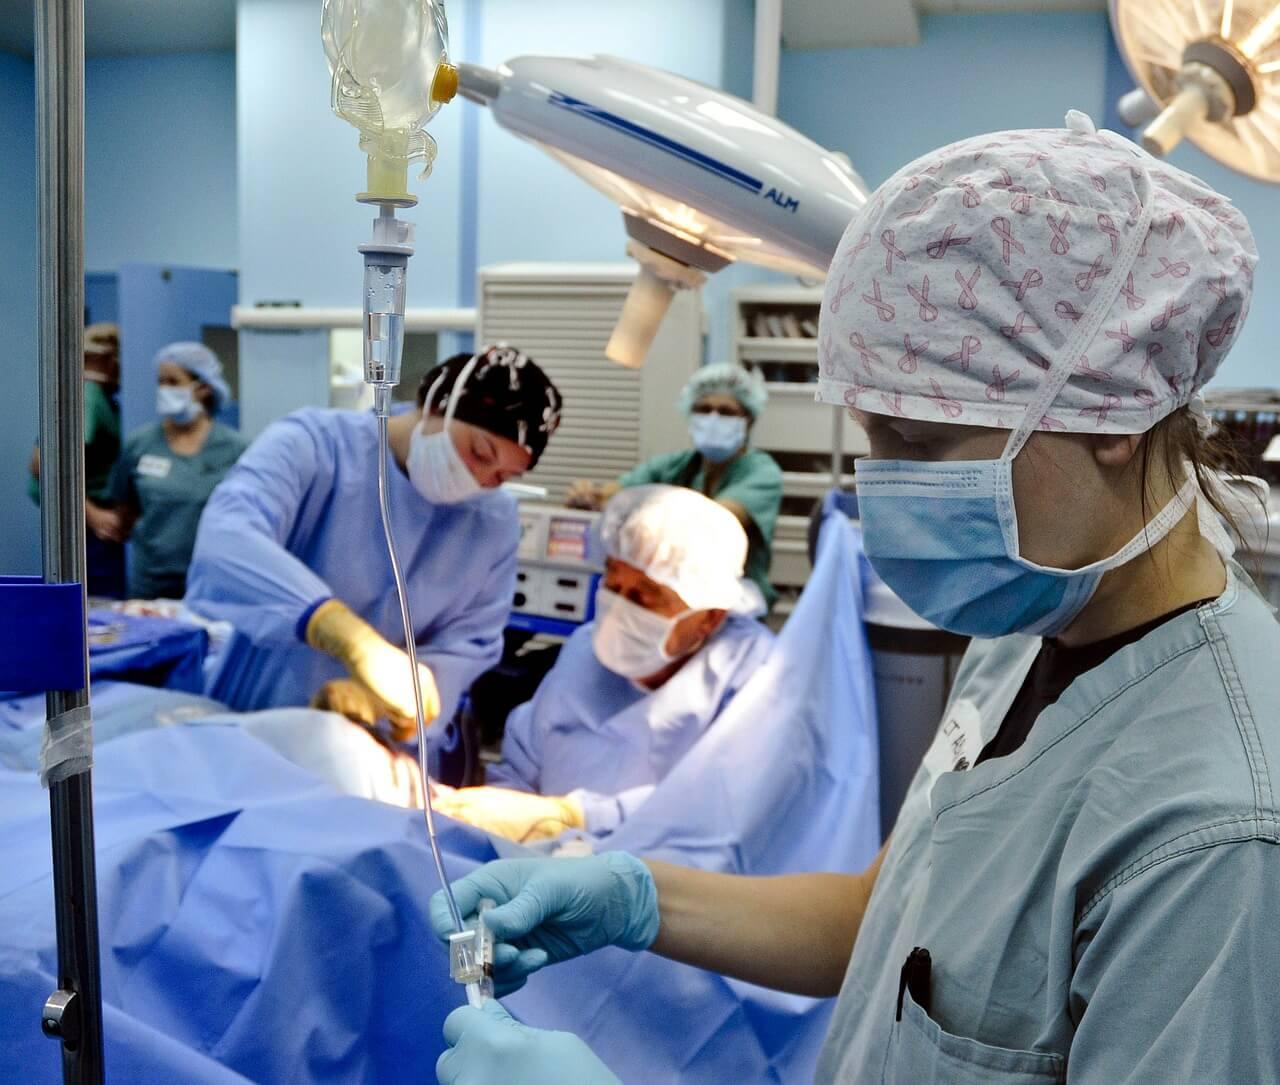 Aktienempfehlung Qiagen investiert in Diagnosetechnik